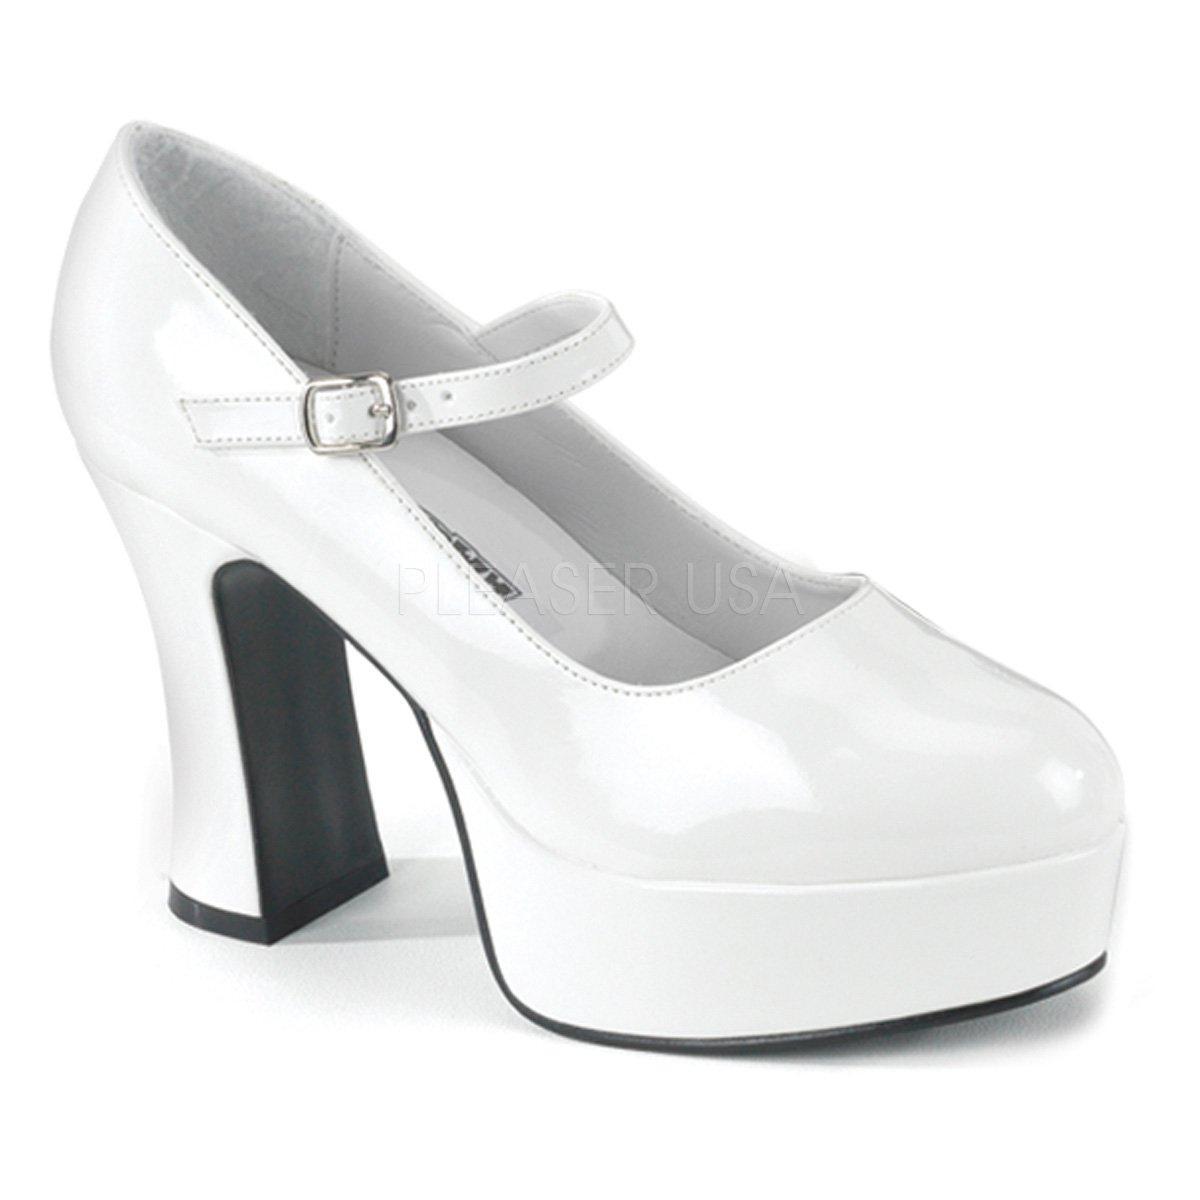 597a5a8f256 MARYJANE-50X Bílé lakované dámské boty na masivní platformě a podpatku -  pro silnější chodidlo